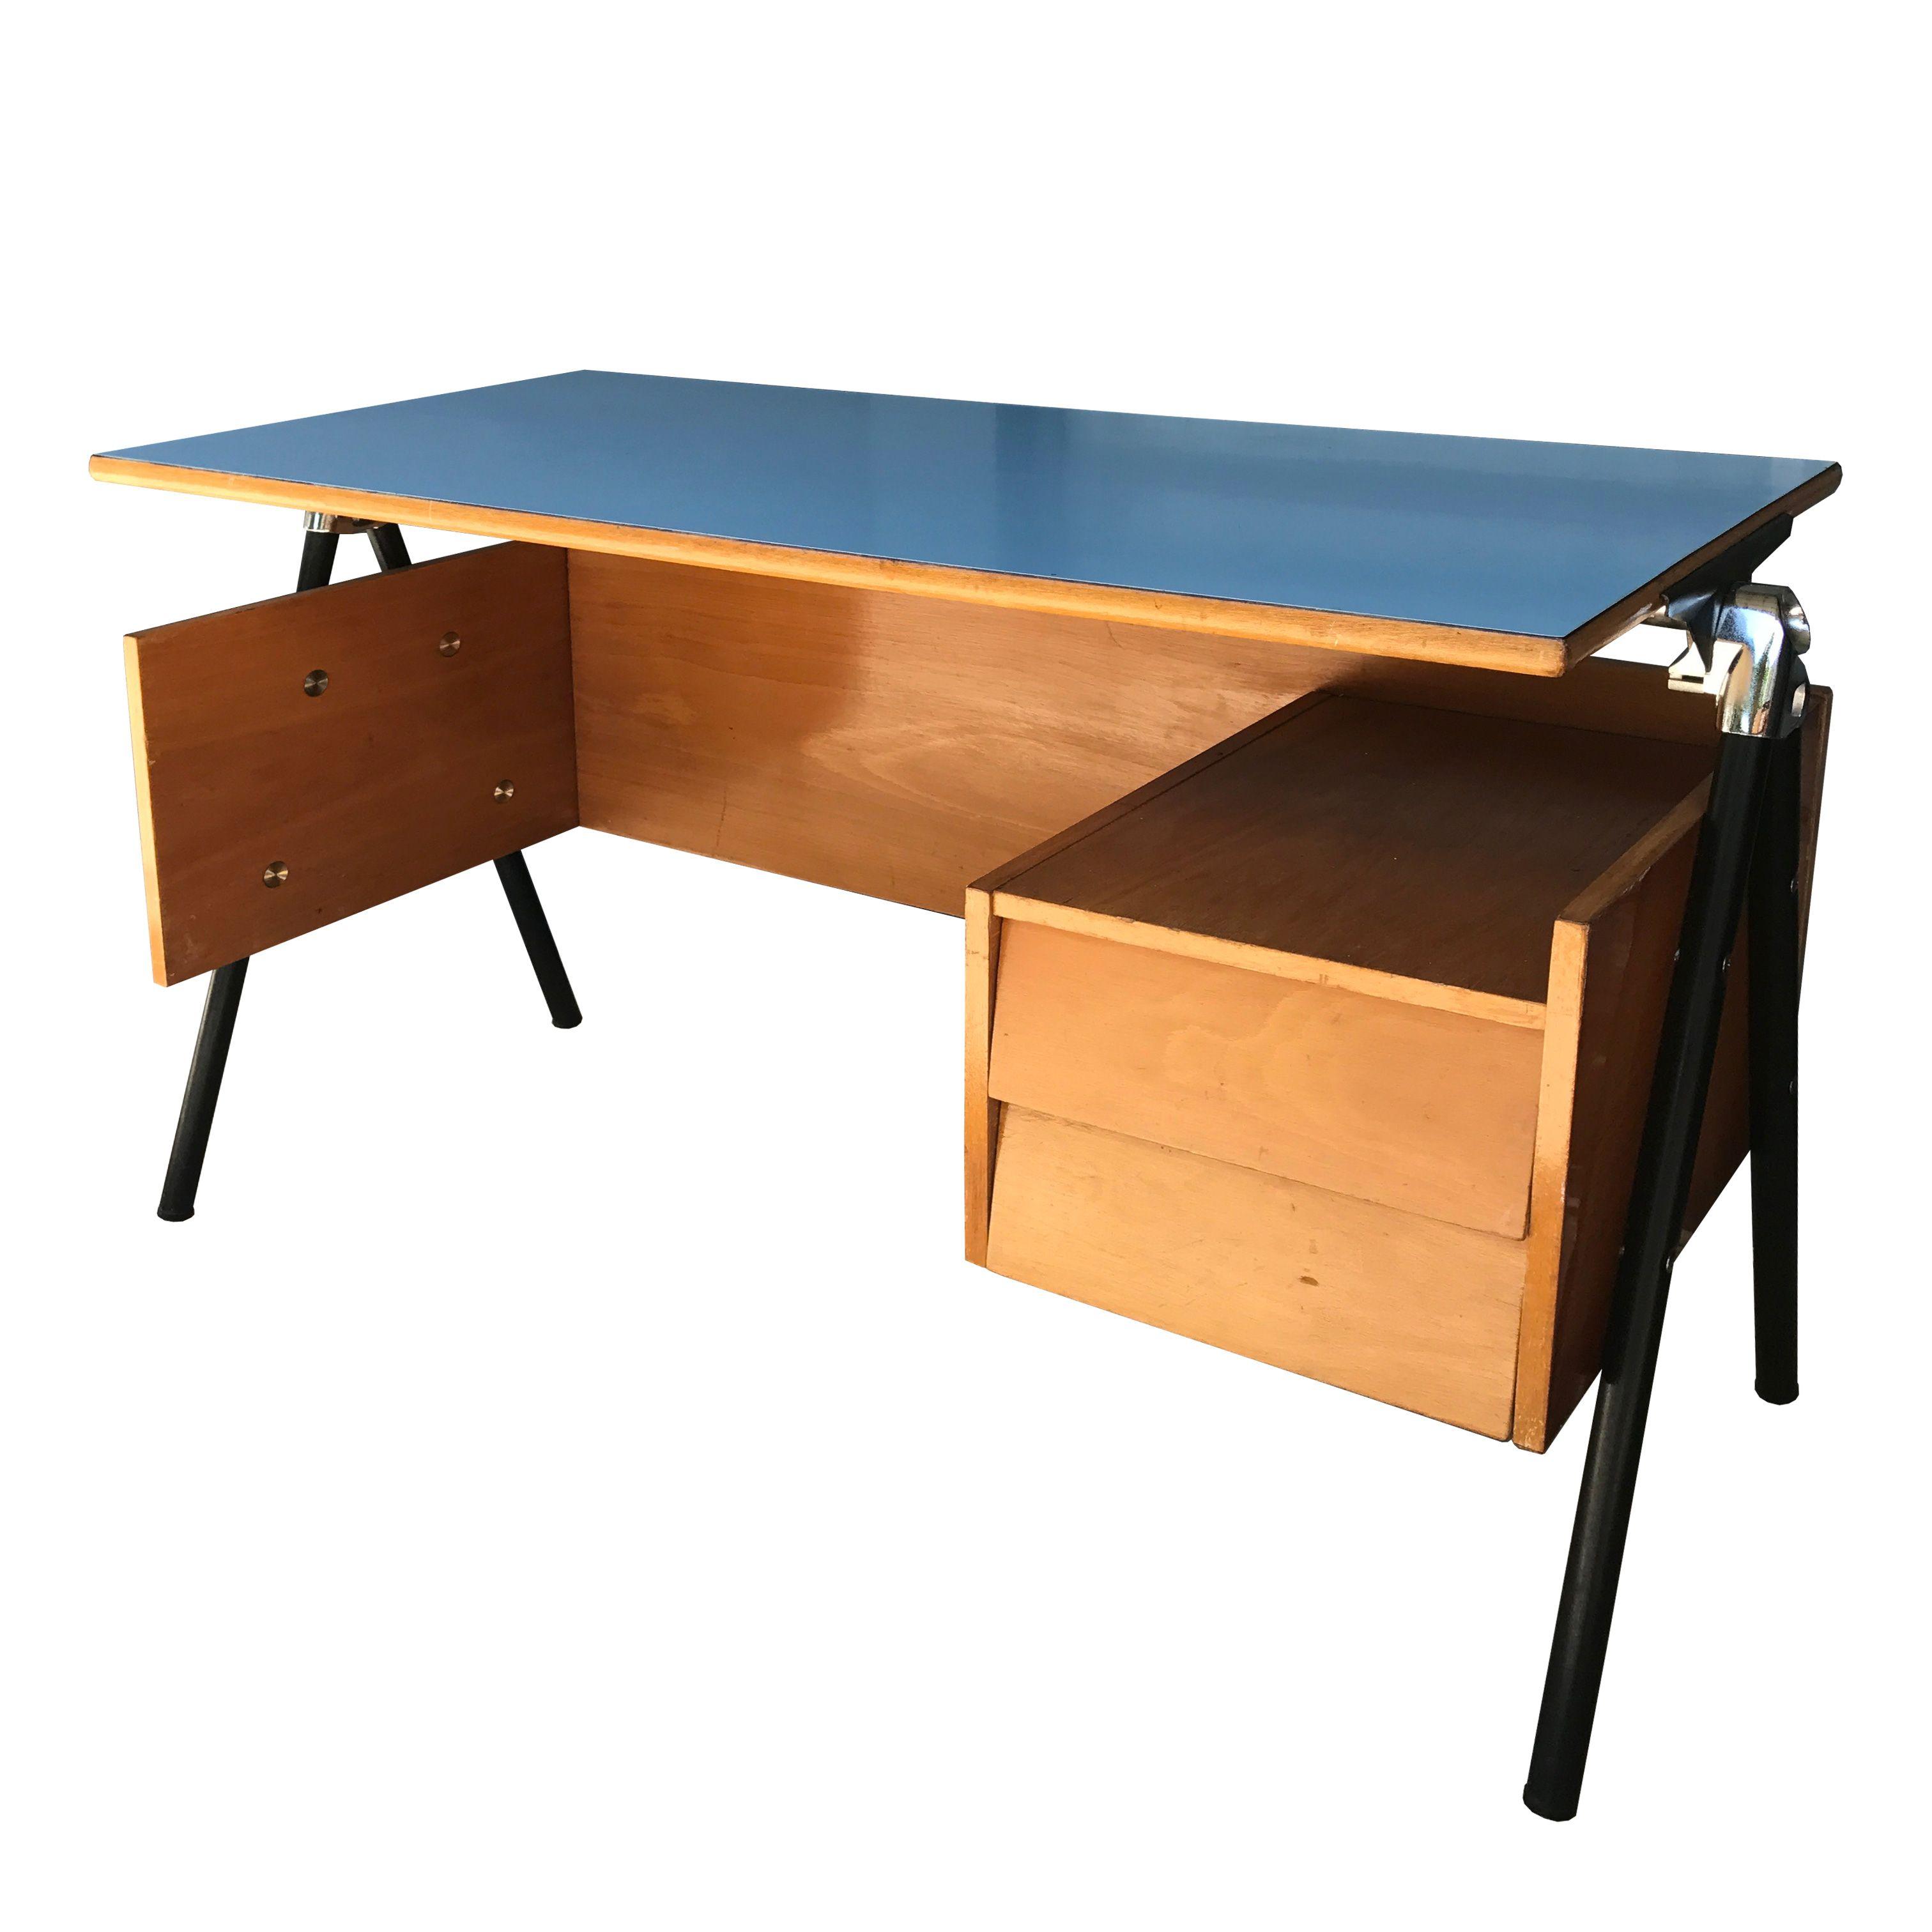 bureau pour enfant ou bureau d 39 appoint 1950 en vente sur en vente chez www. Black Bedroom Furniture Sets. Home Design Ideas